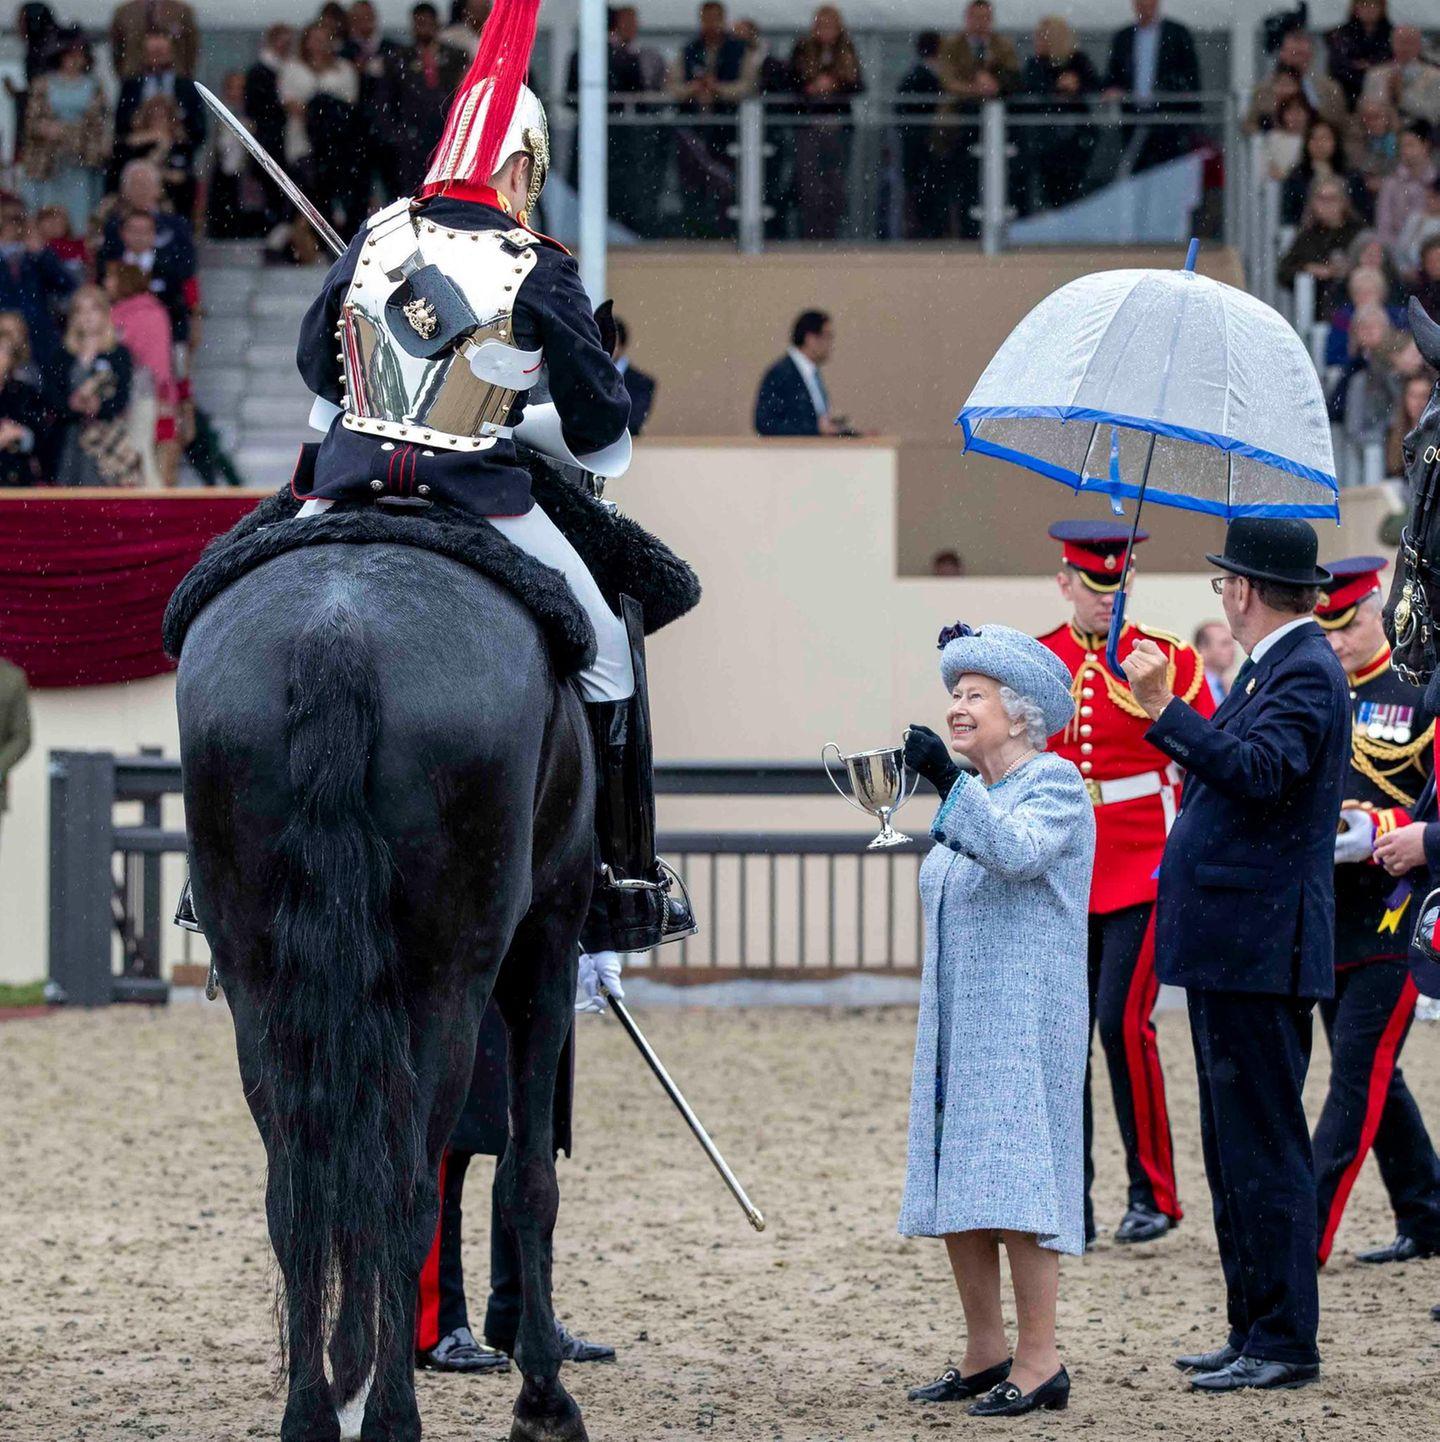 """12. Mai 2018  Die Queen hat den Freizeitlook mit Kopftuch gegen ein offzielleres Outfit mit Hut getauscht und waltet ihres Amtes bei der """"Royal Windsor Horse Show"""". Ein Mitarbeiter hält schützend einen Schirm über die 92-Jährige, die aber wohl eher eine Leiter bräuchte, um den Pokal zu überreichen."""